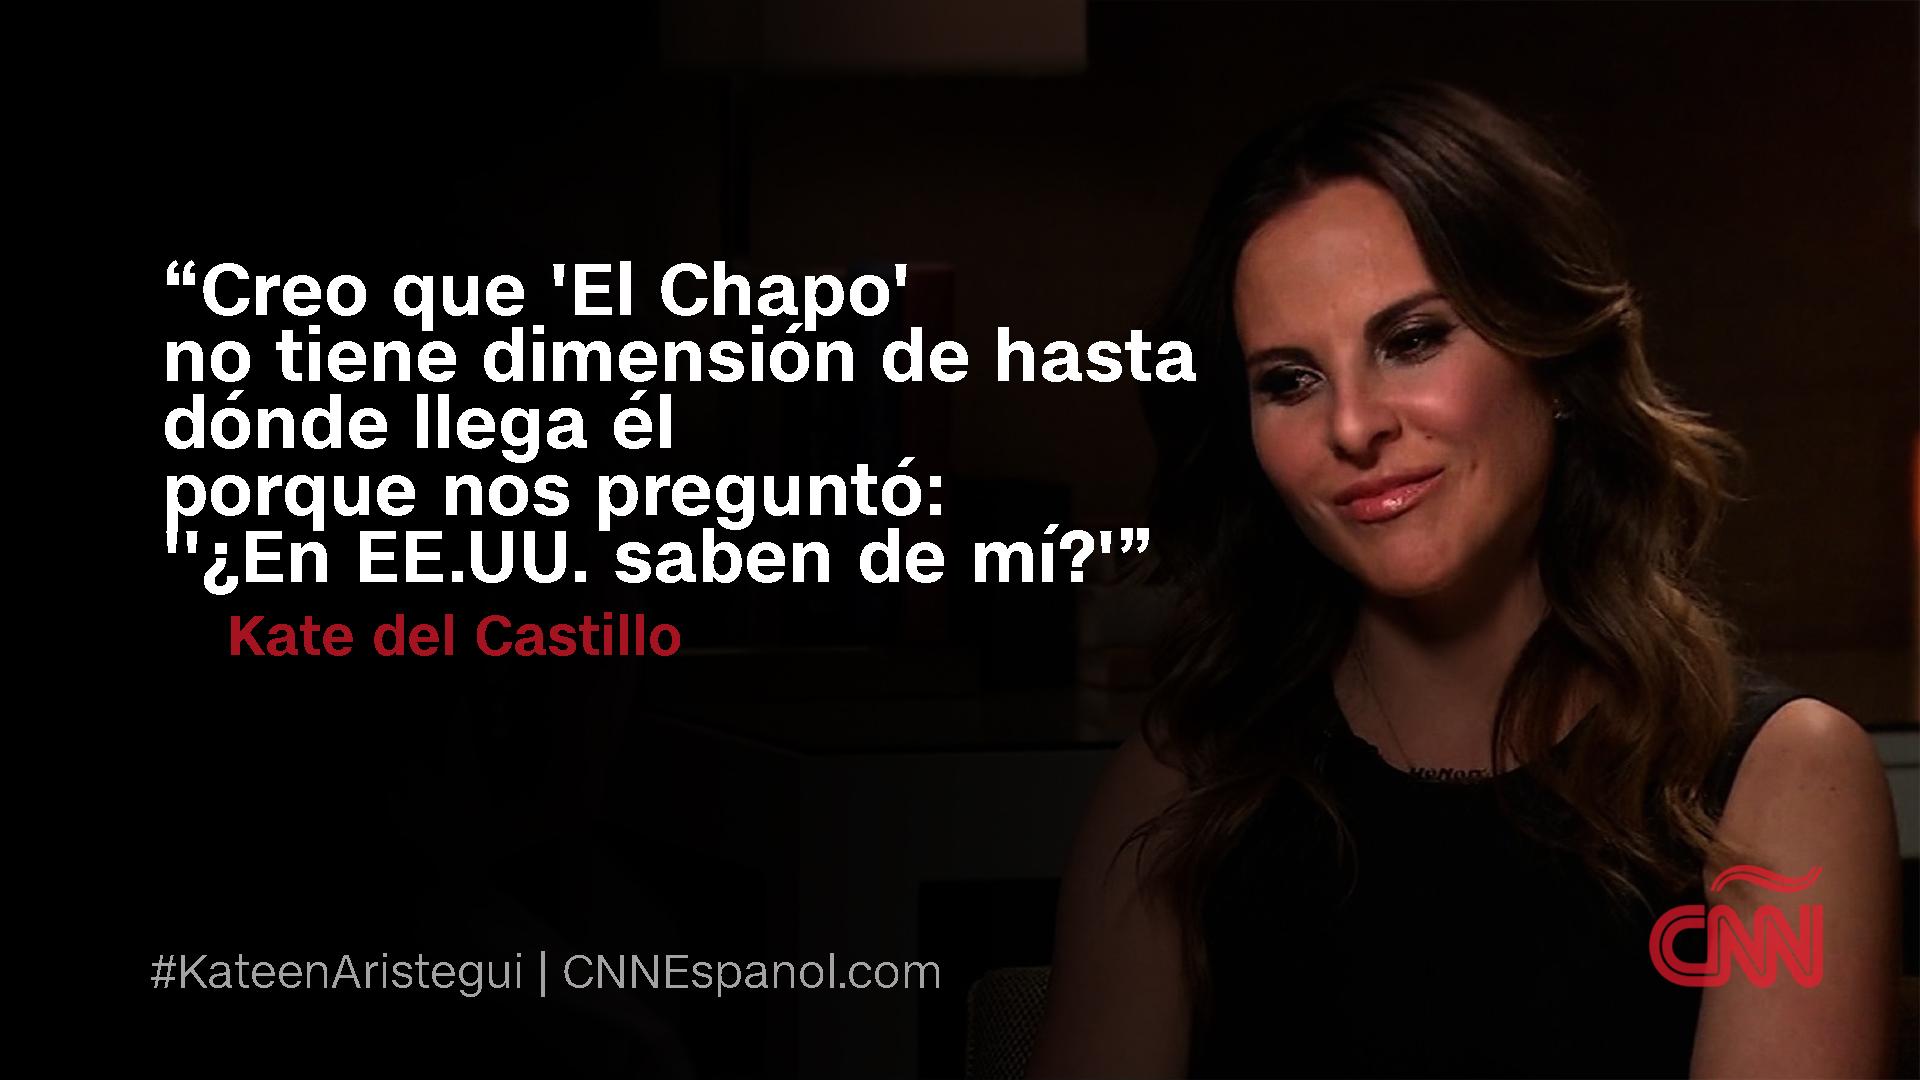 del castillo chapo dimension eeuu (1)